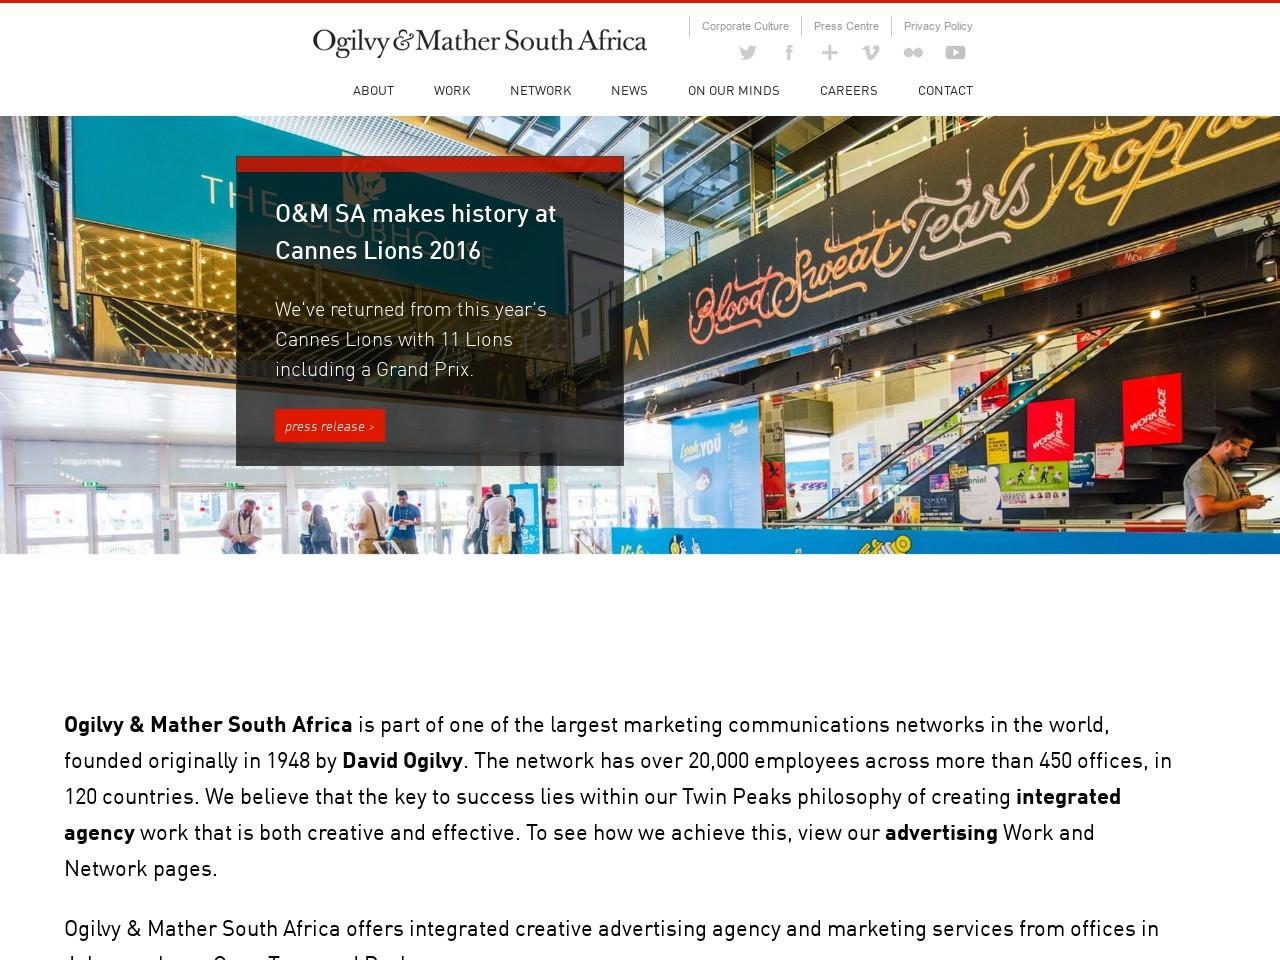 Ogilvy & Mather South Africa